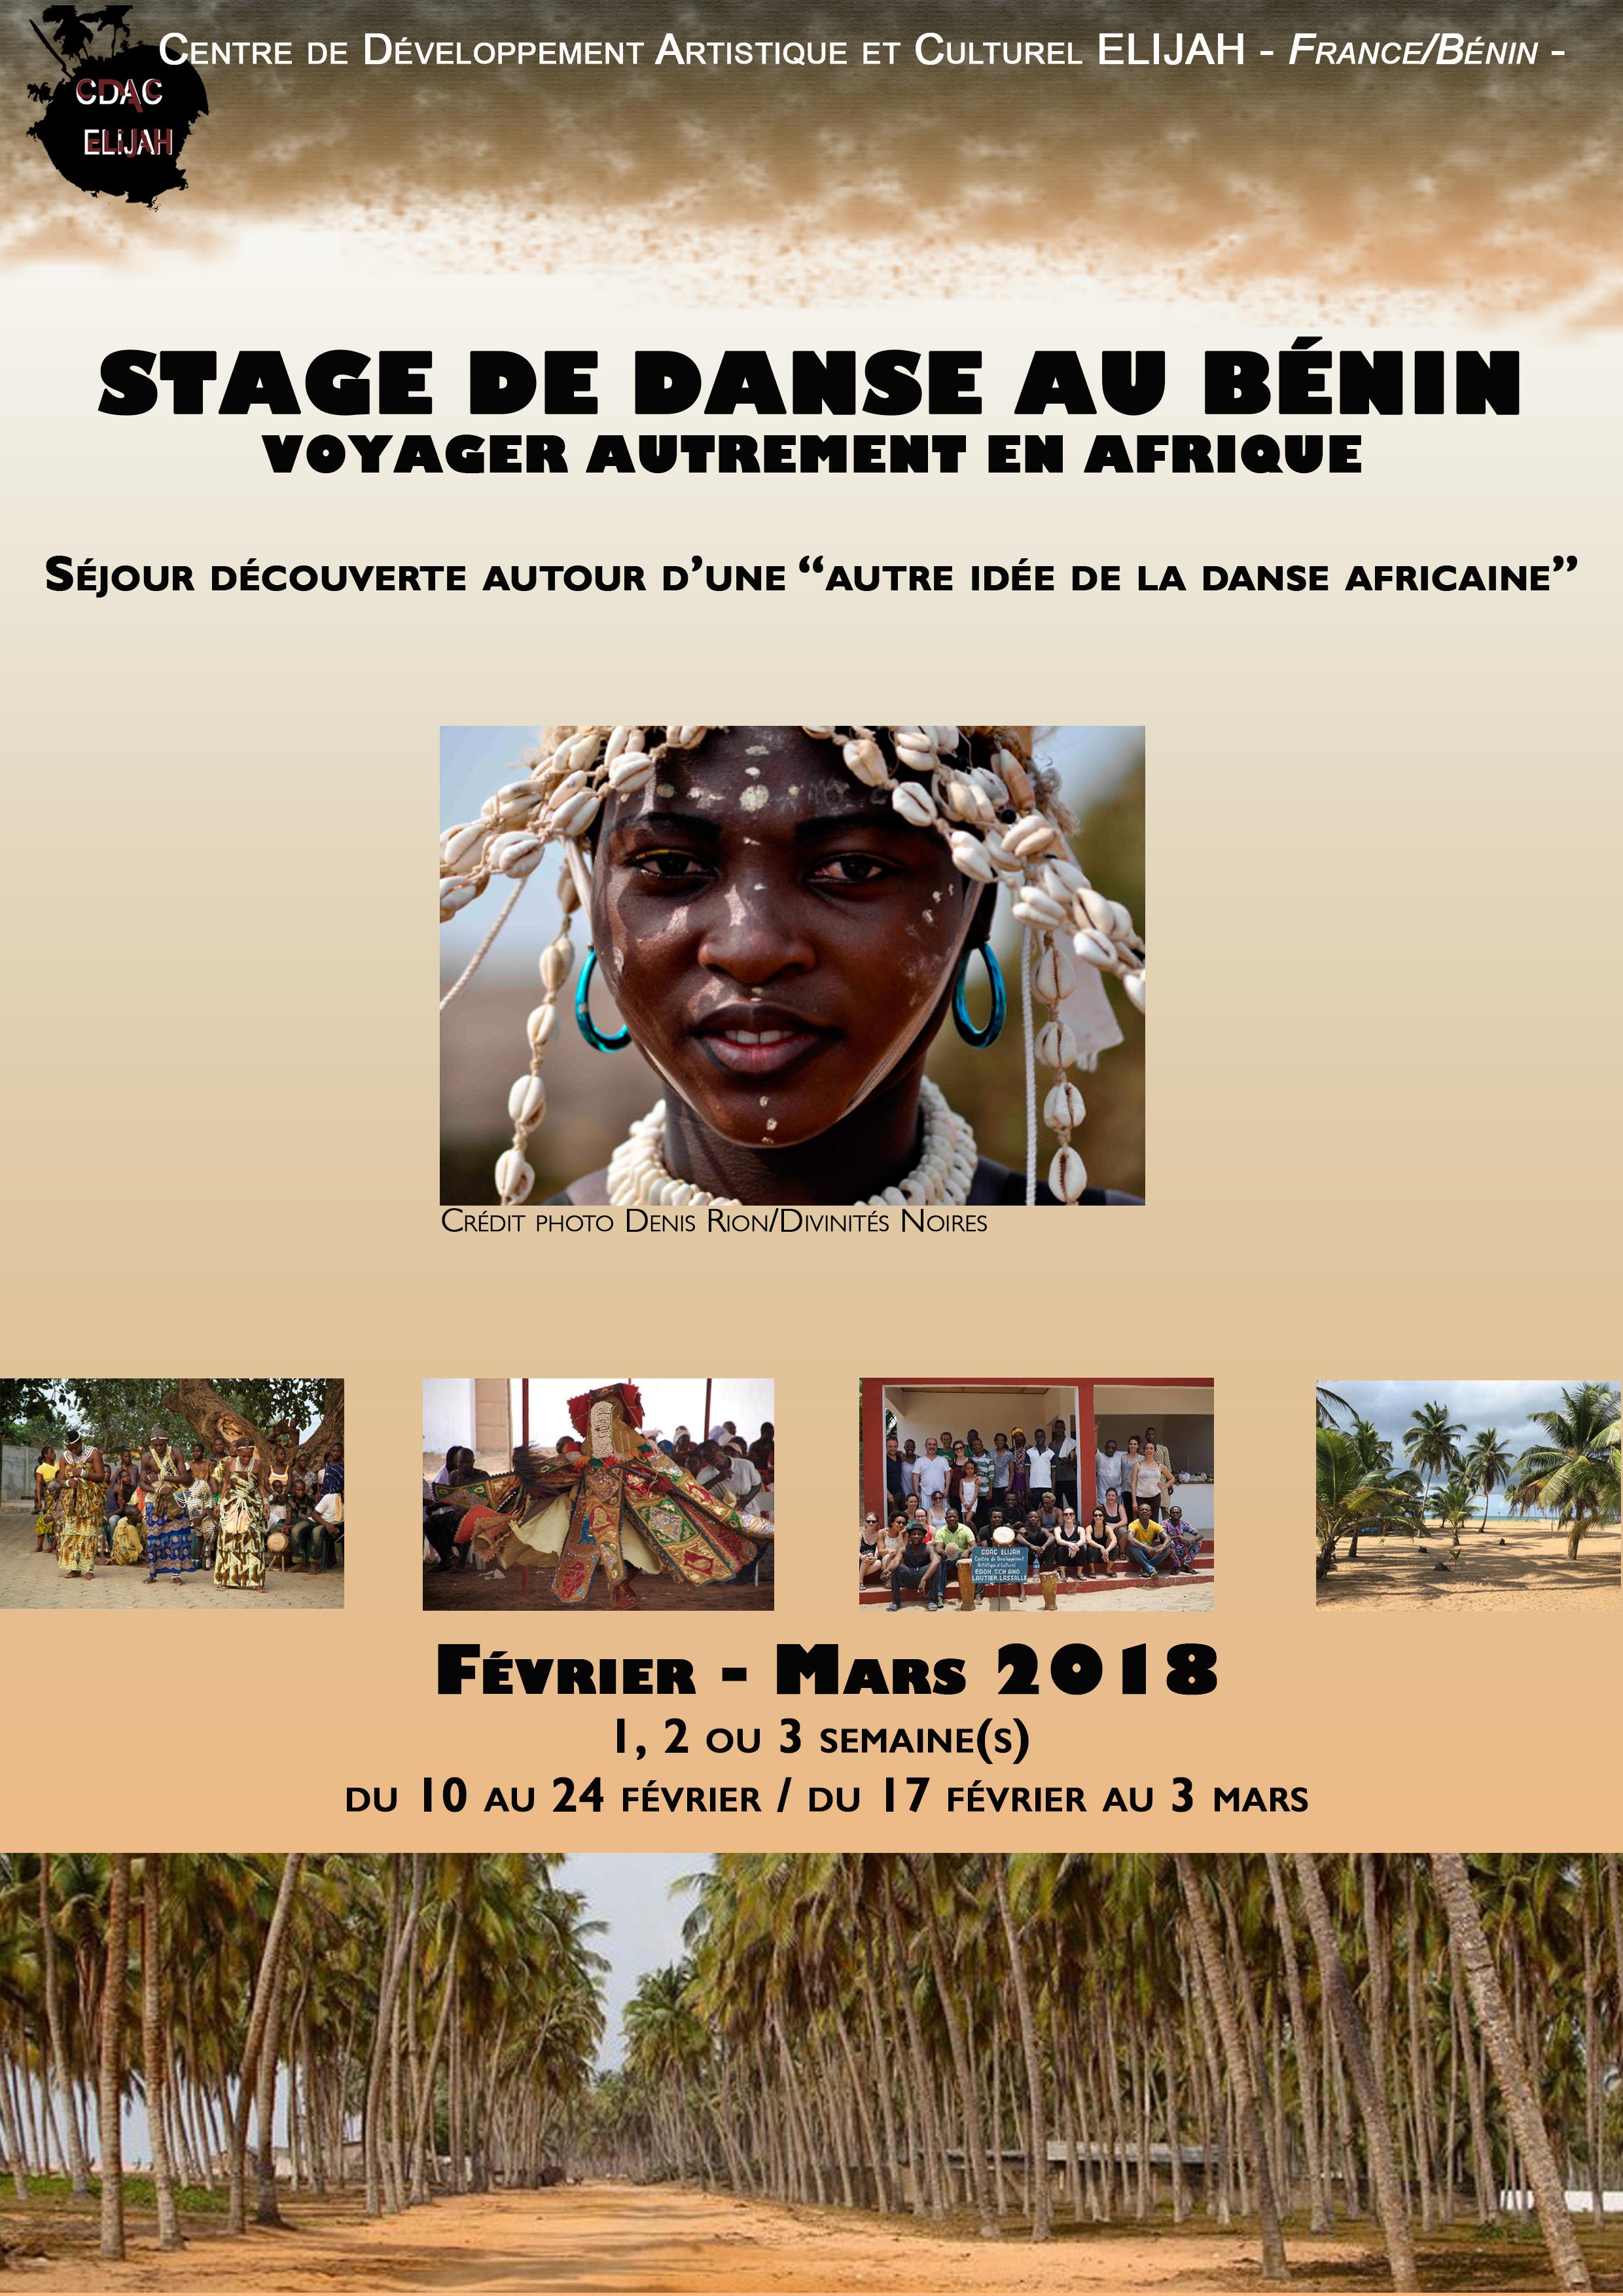 Stage de danse au Bénin : voyager autrement en Afrique (fév. 2018)